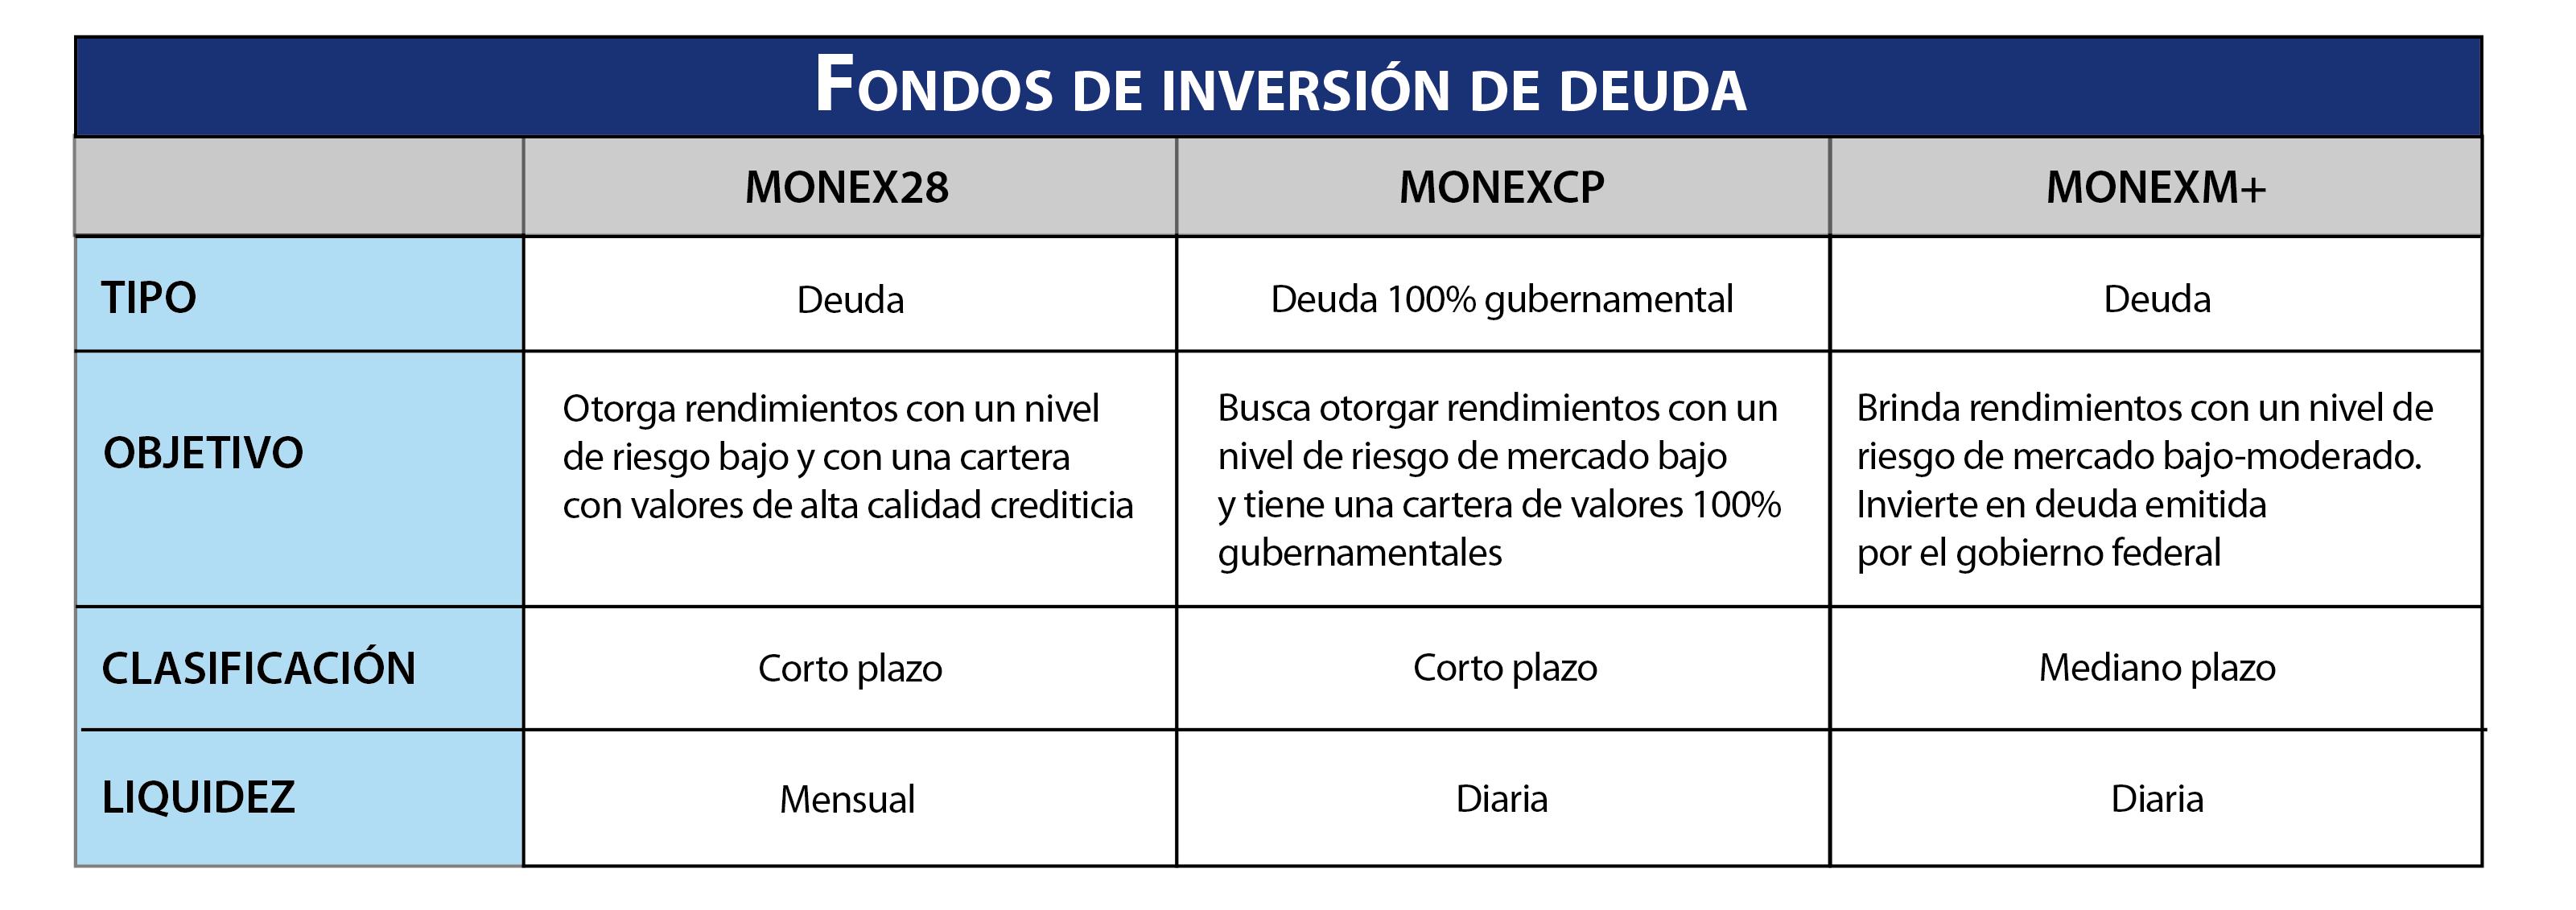 Fondos de Inversión de Deuda